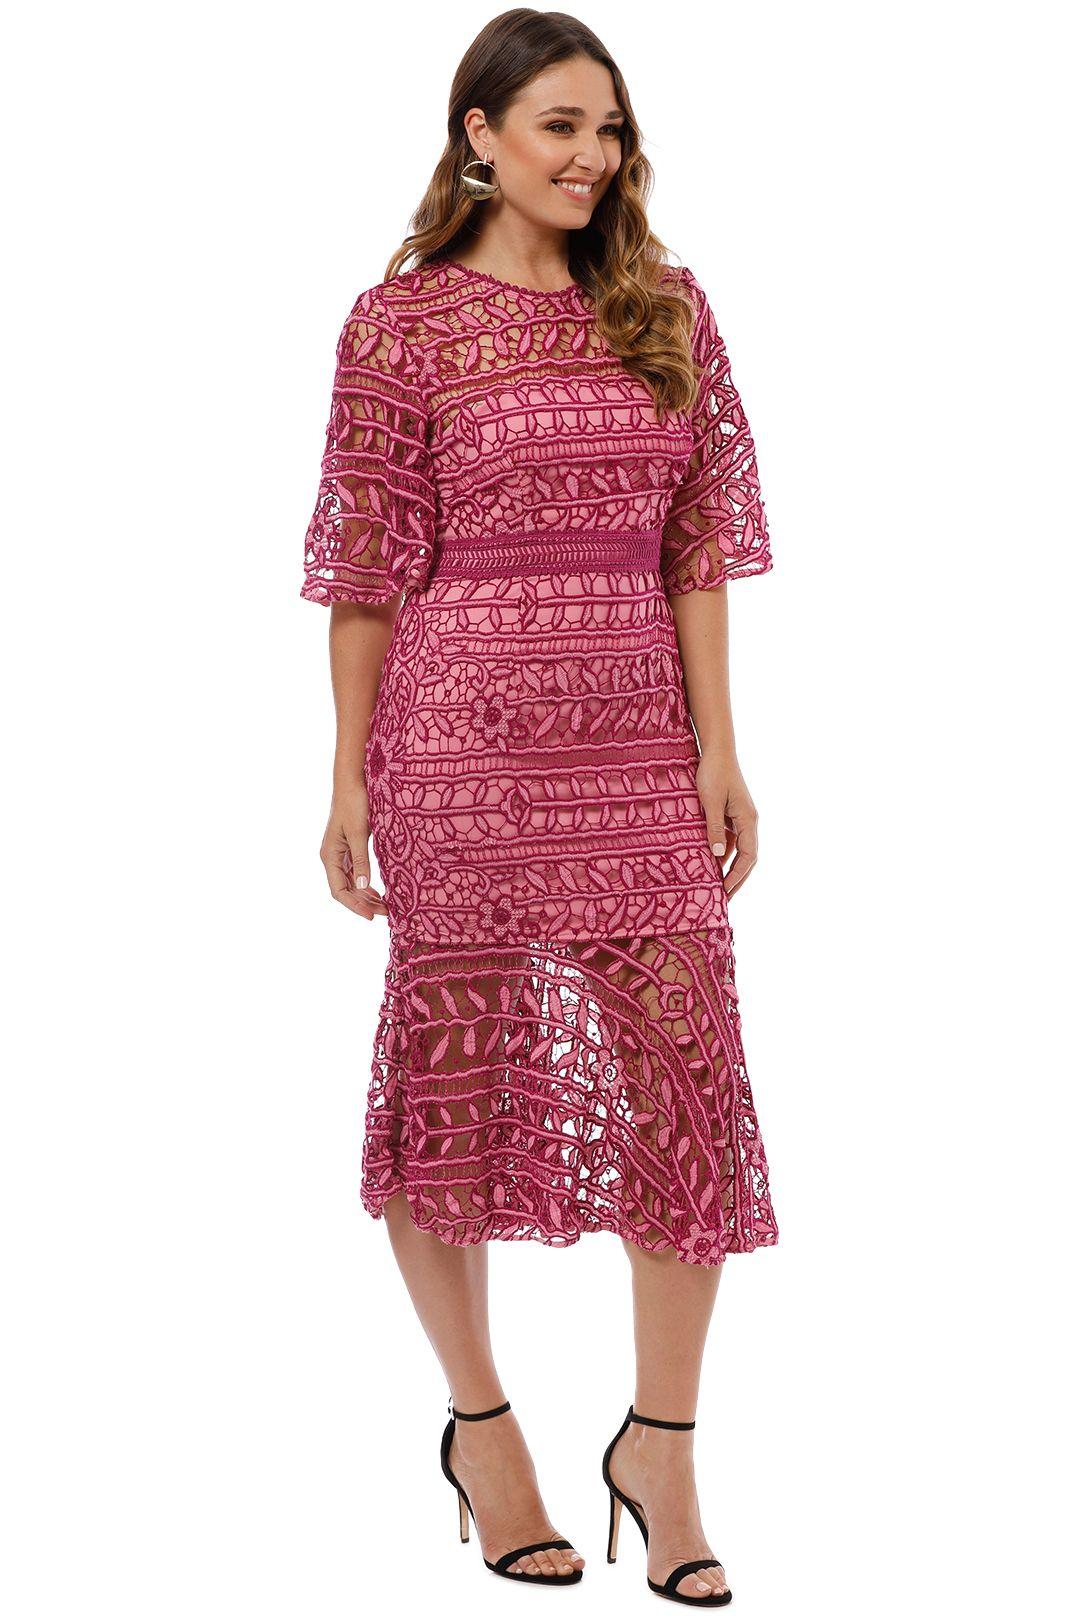 Talulah - Caprice Midi Dress - Pink Multi - Side